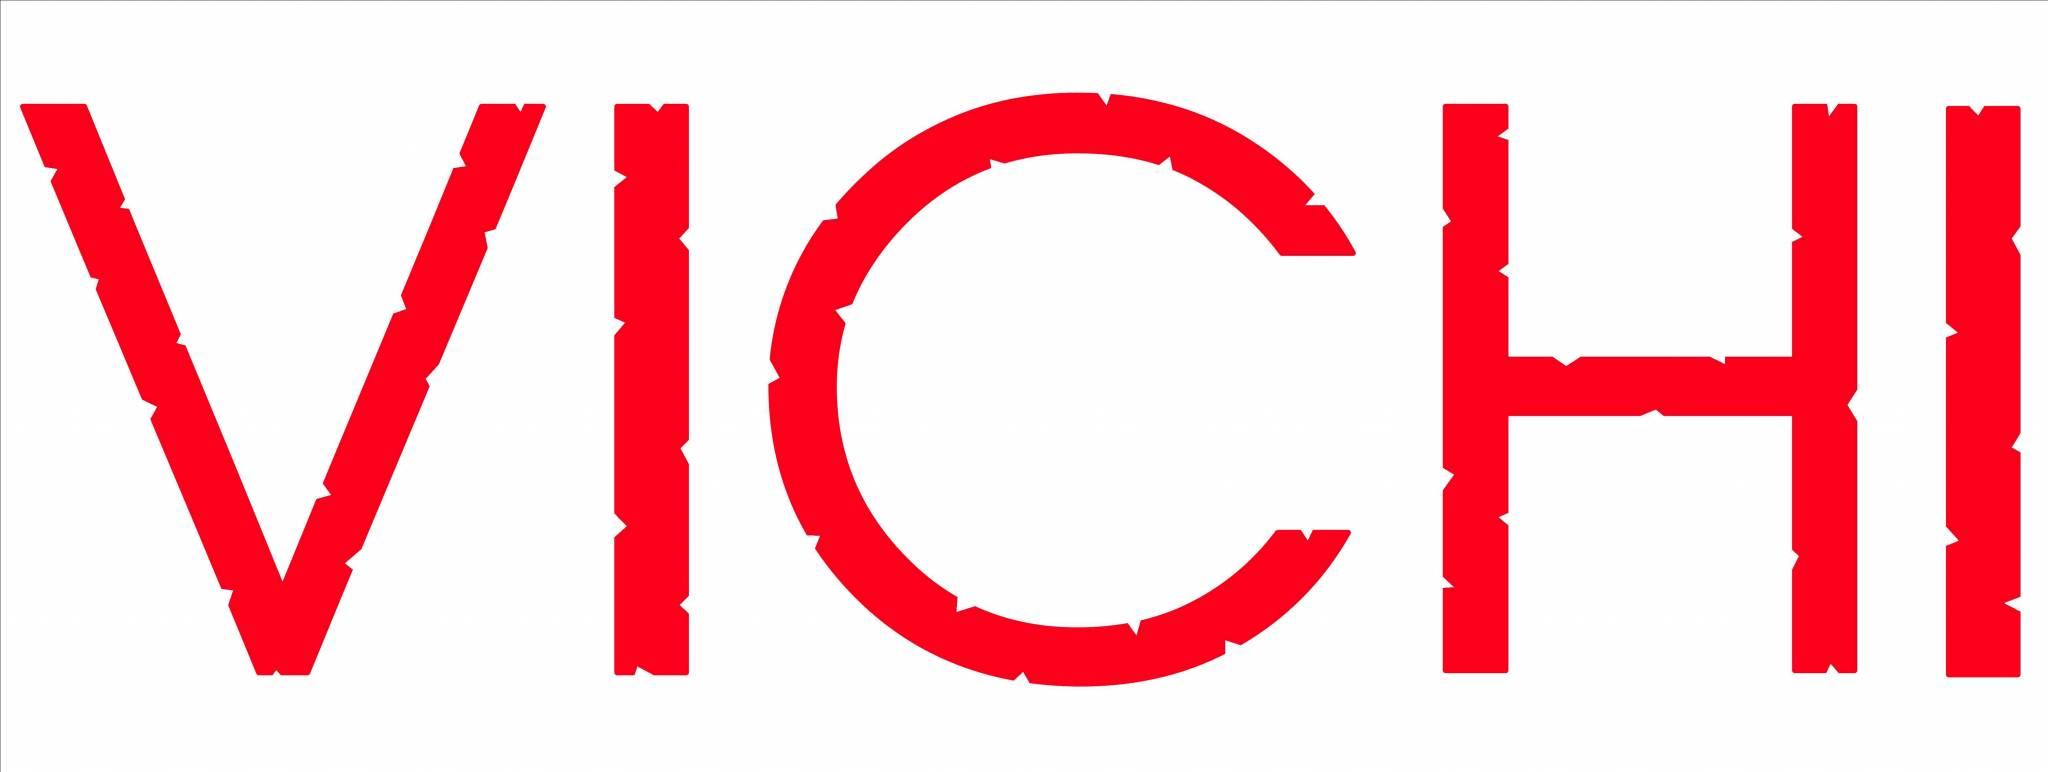 logo agenzia Agenzia Immobiliare Vichi